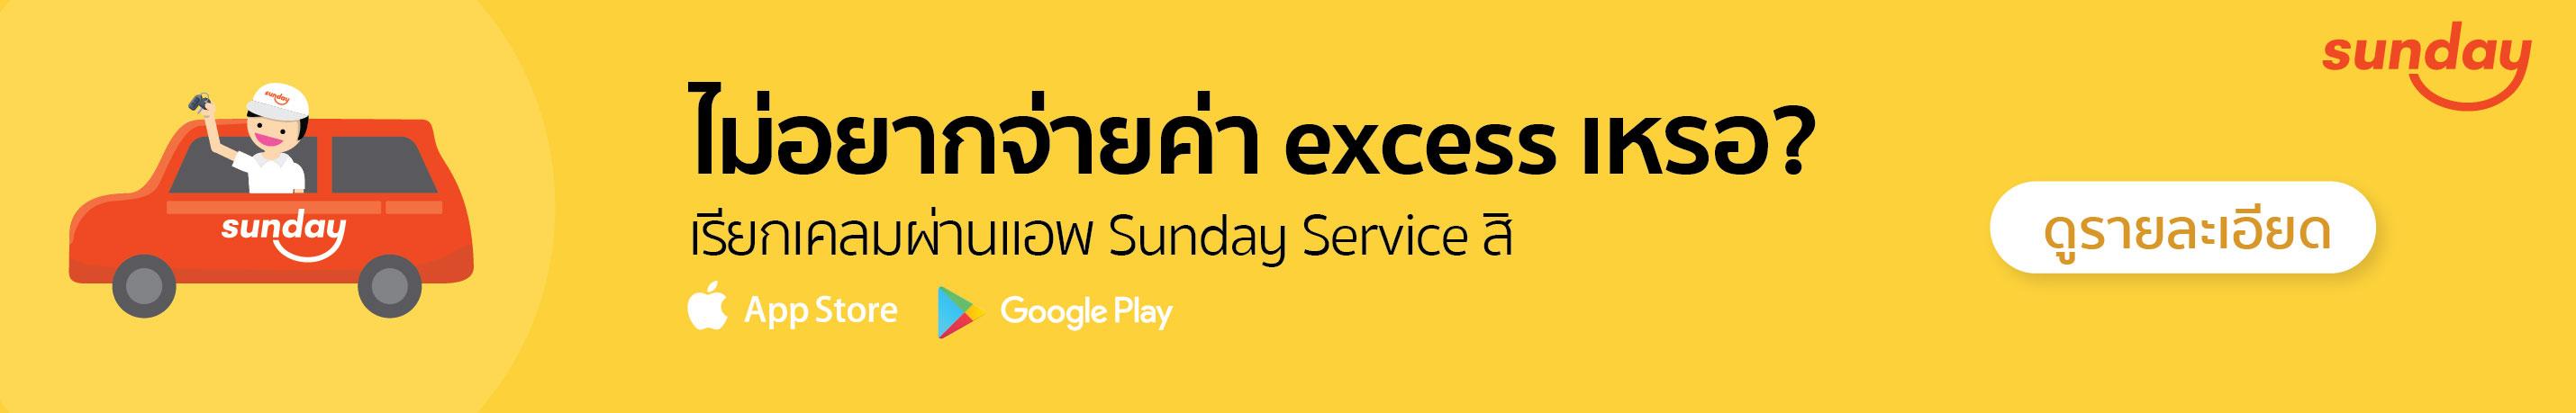 แอพ Sunday Services ฟรีค่า excess ประกันรถ